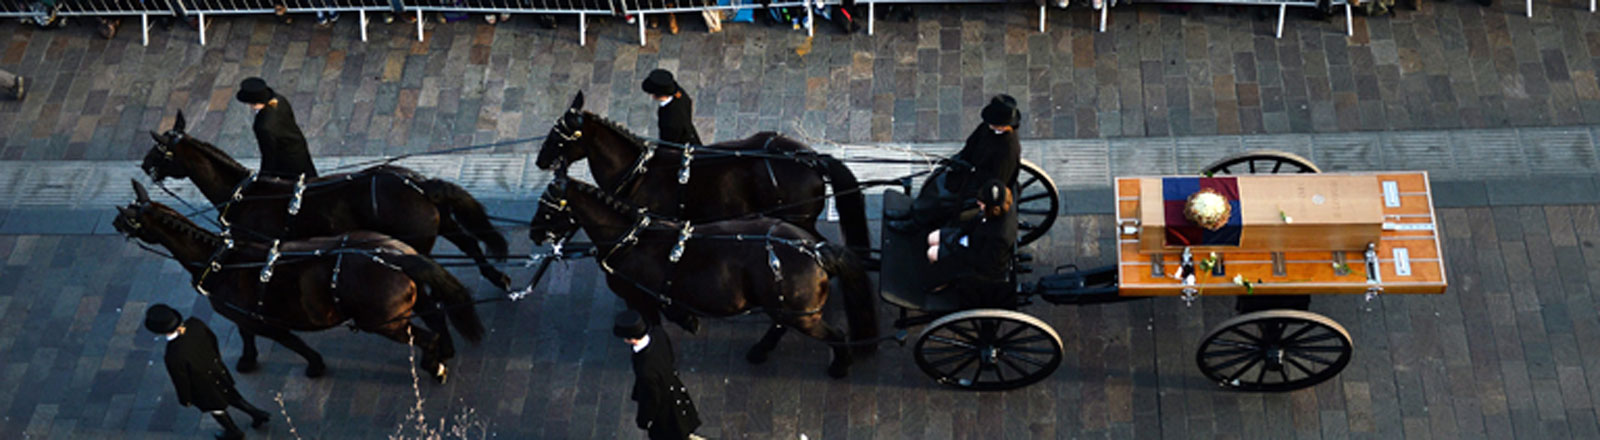 Prozession in Leicester mit dem Sarg, der die Gebeine von König Richard III. enthält.